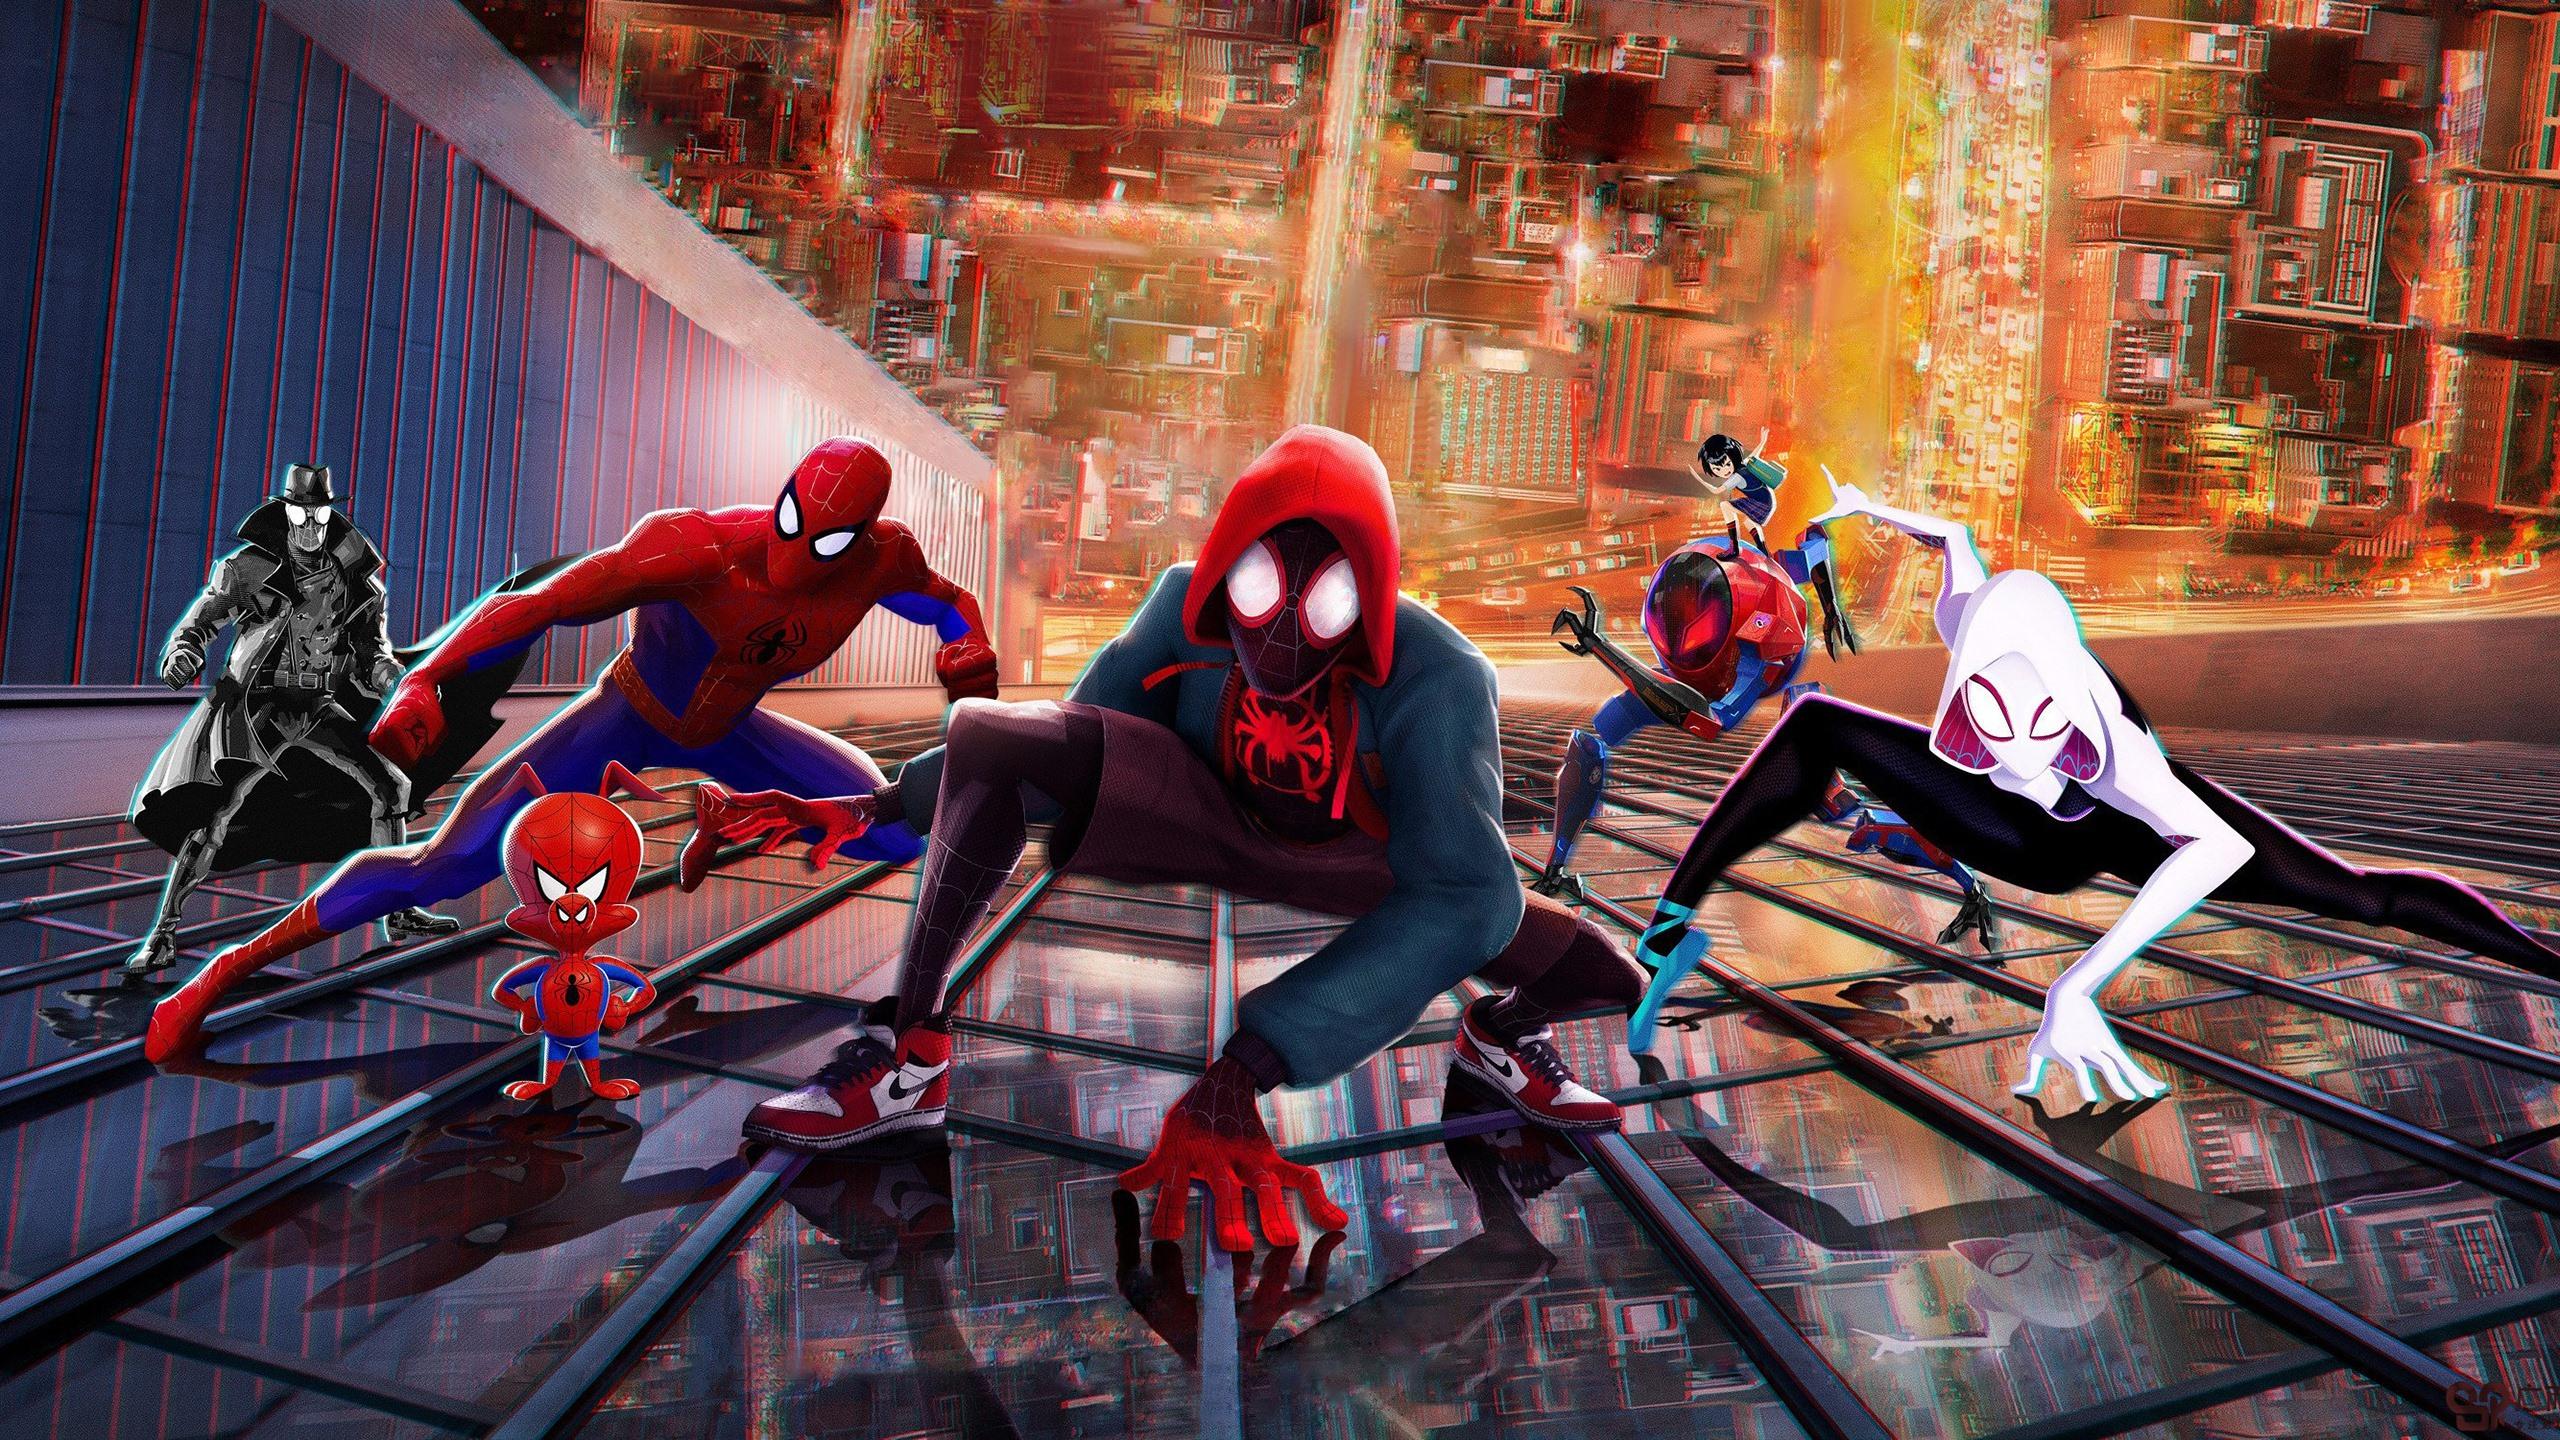 壁紙 スパイダーマン スパイダーバース Dcコミックス映画 2560x1440